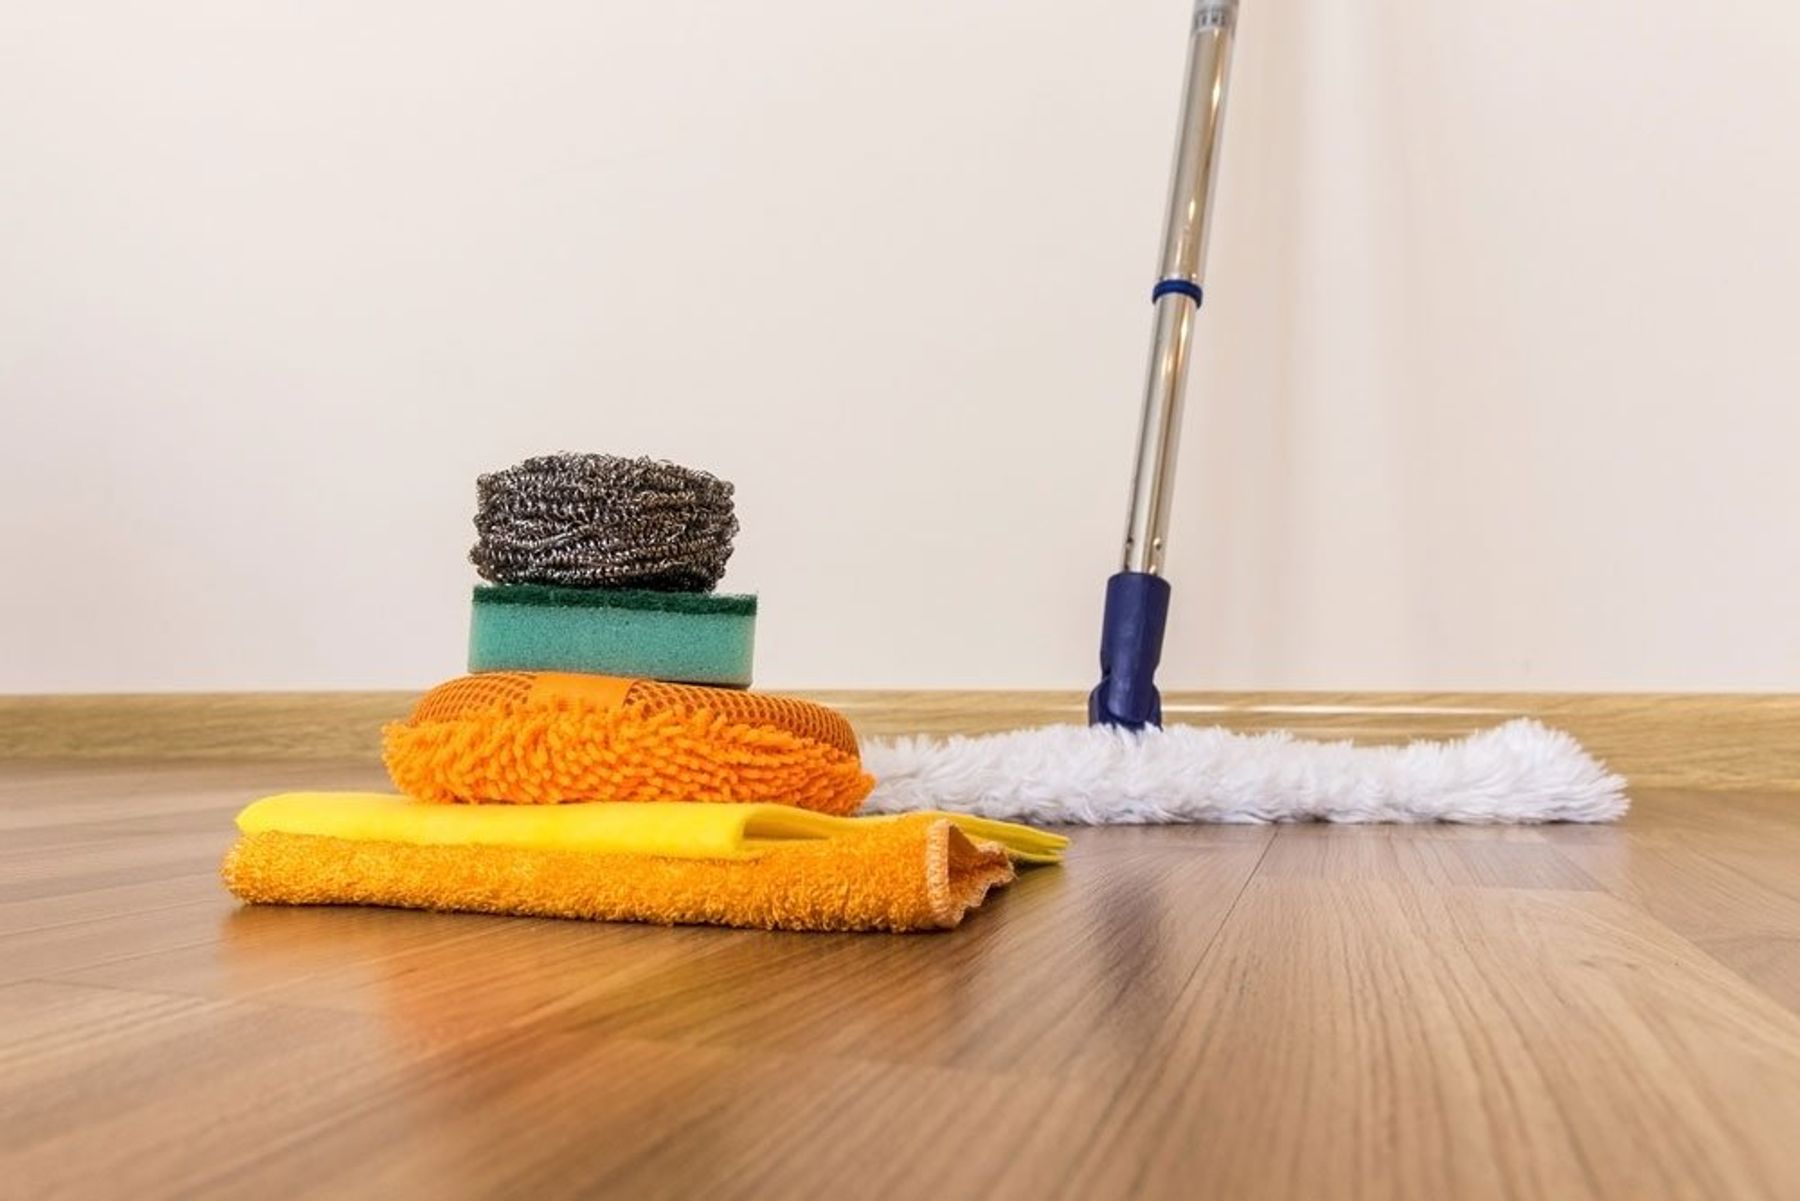 Step 9: Vệ sinh nhà cửa thường xuyên cũng là cách đuổi ruồi hiệu quả